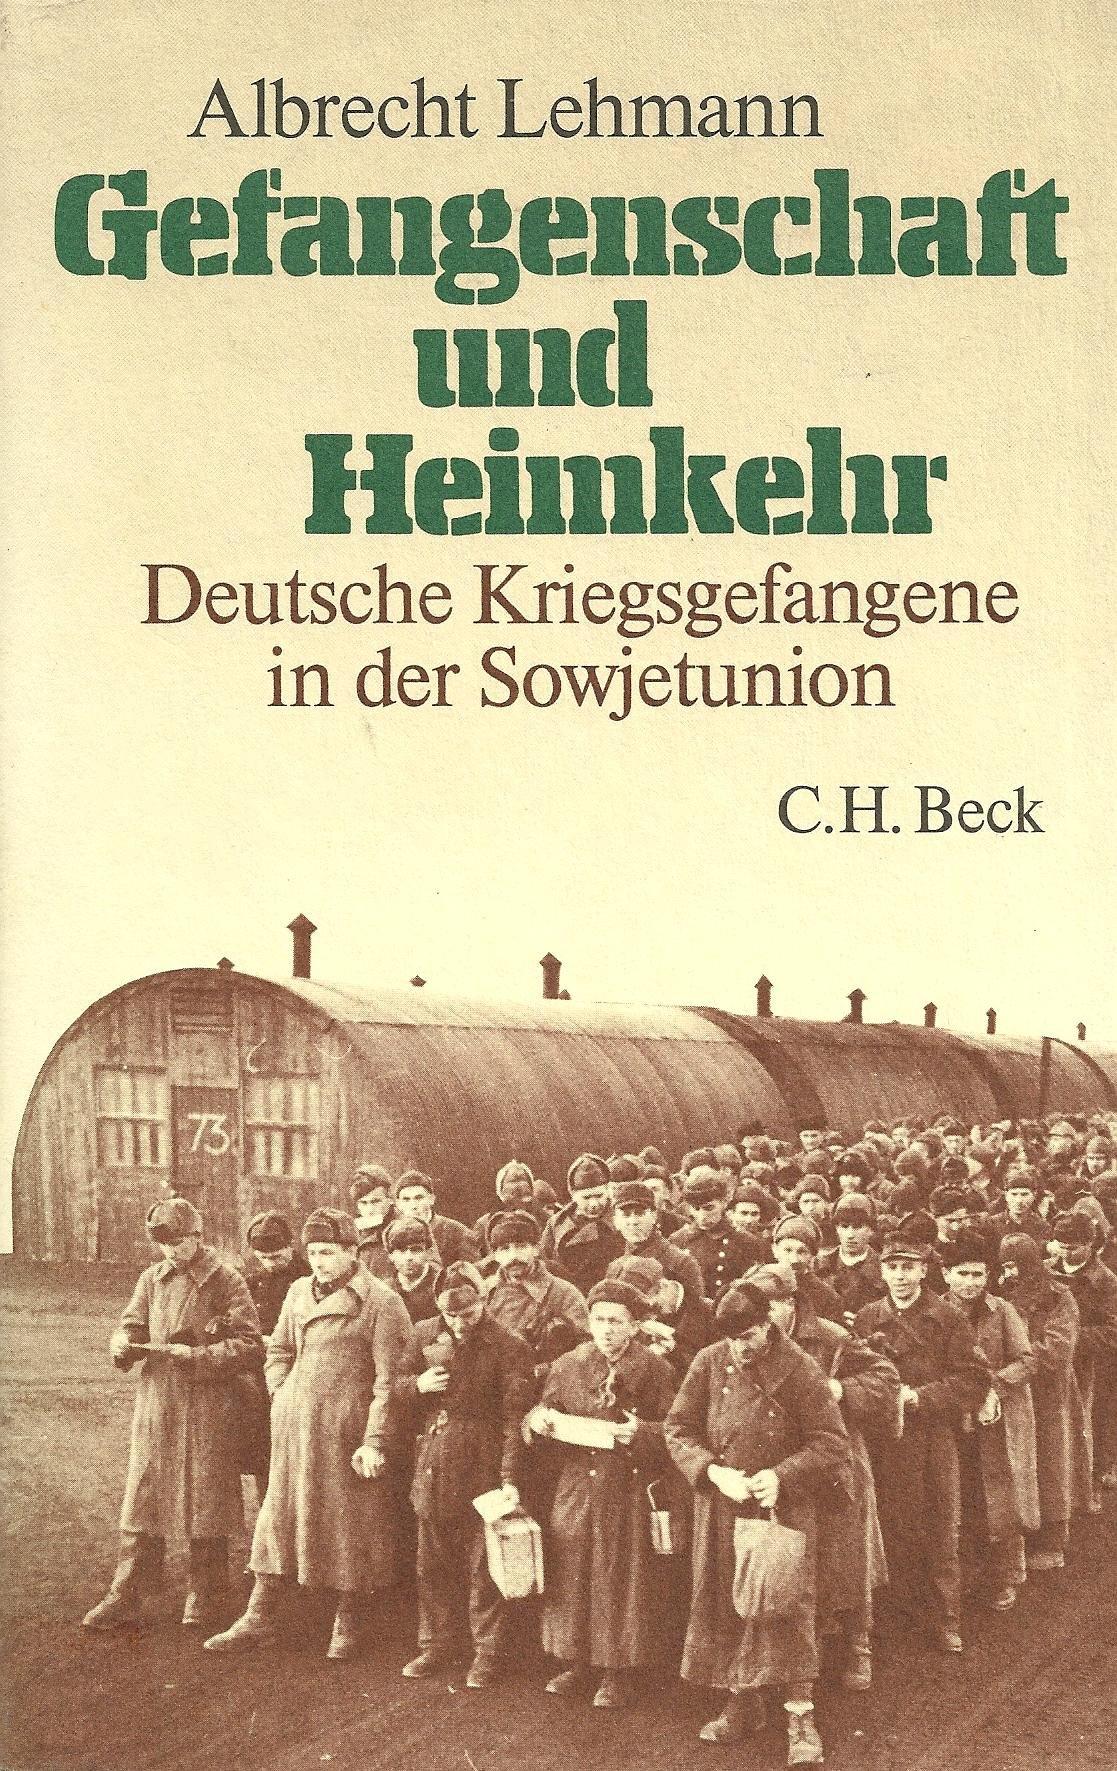 Gefangenschaft und Heimkehr: Deutsche Kriegsgefangene in der Sowjetunion